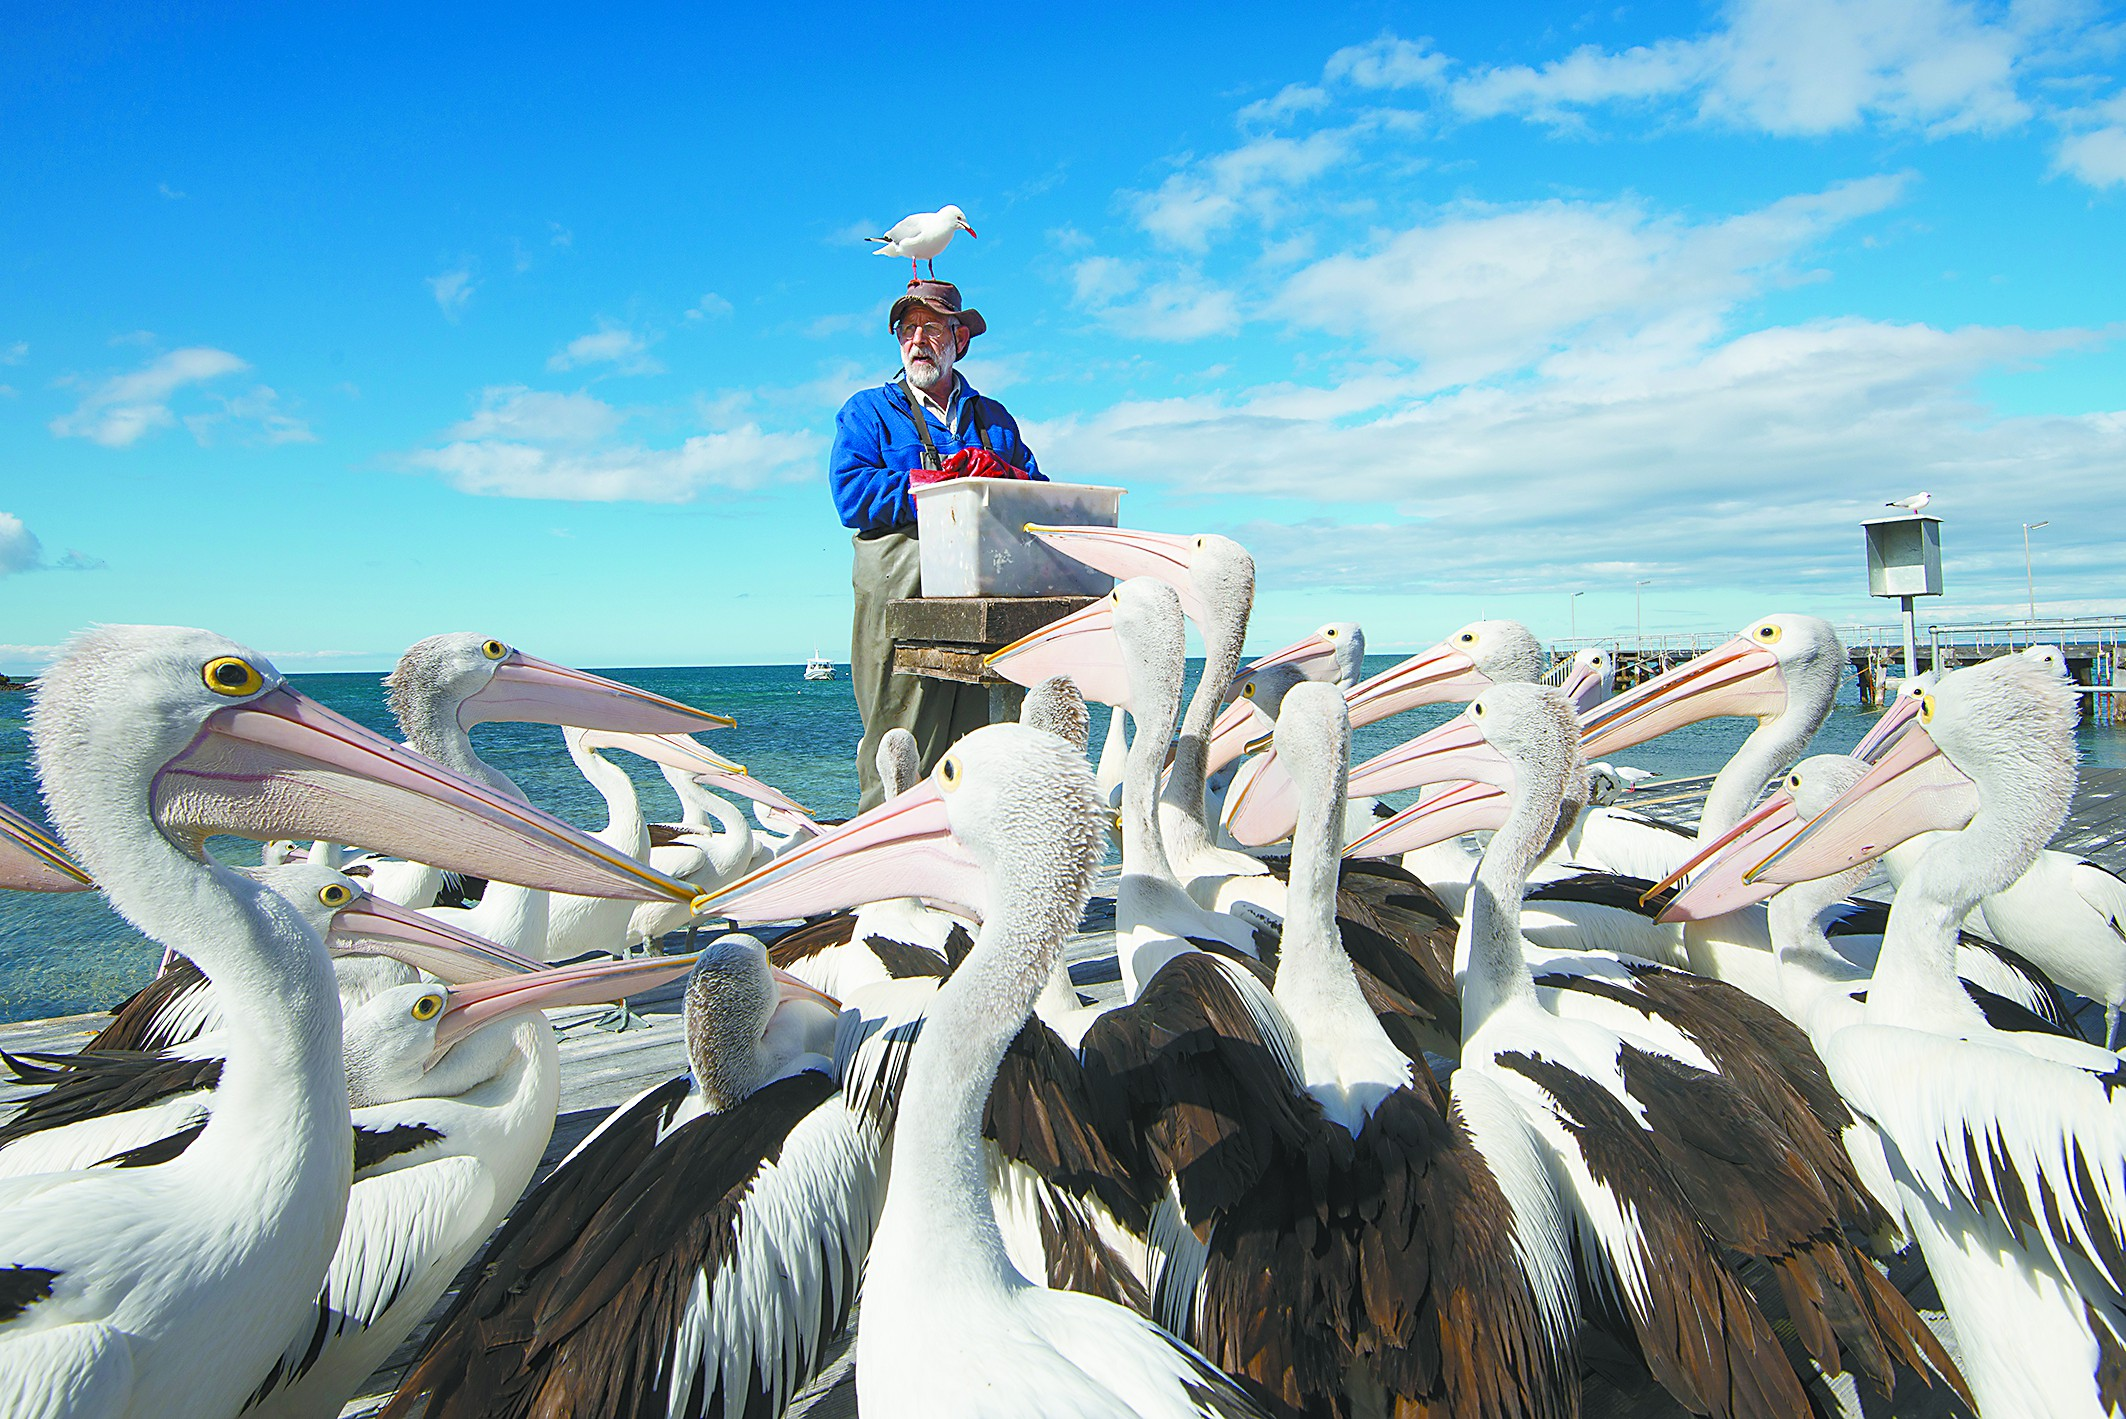 鹈鹕秀每天上演 到袋鼠岛跟野生动物一起跨年